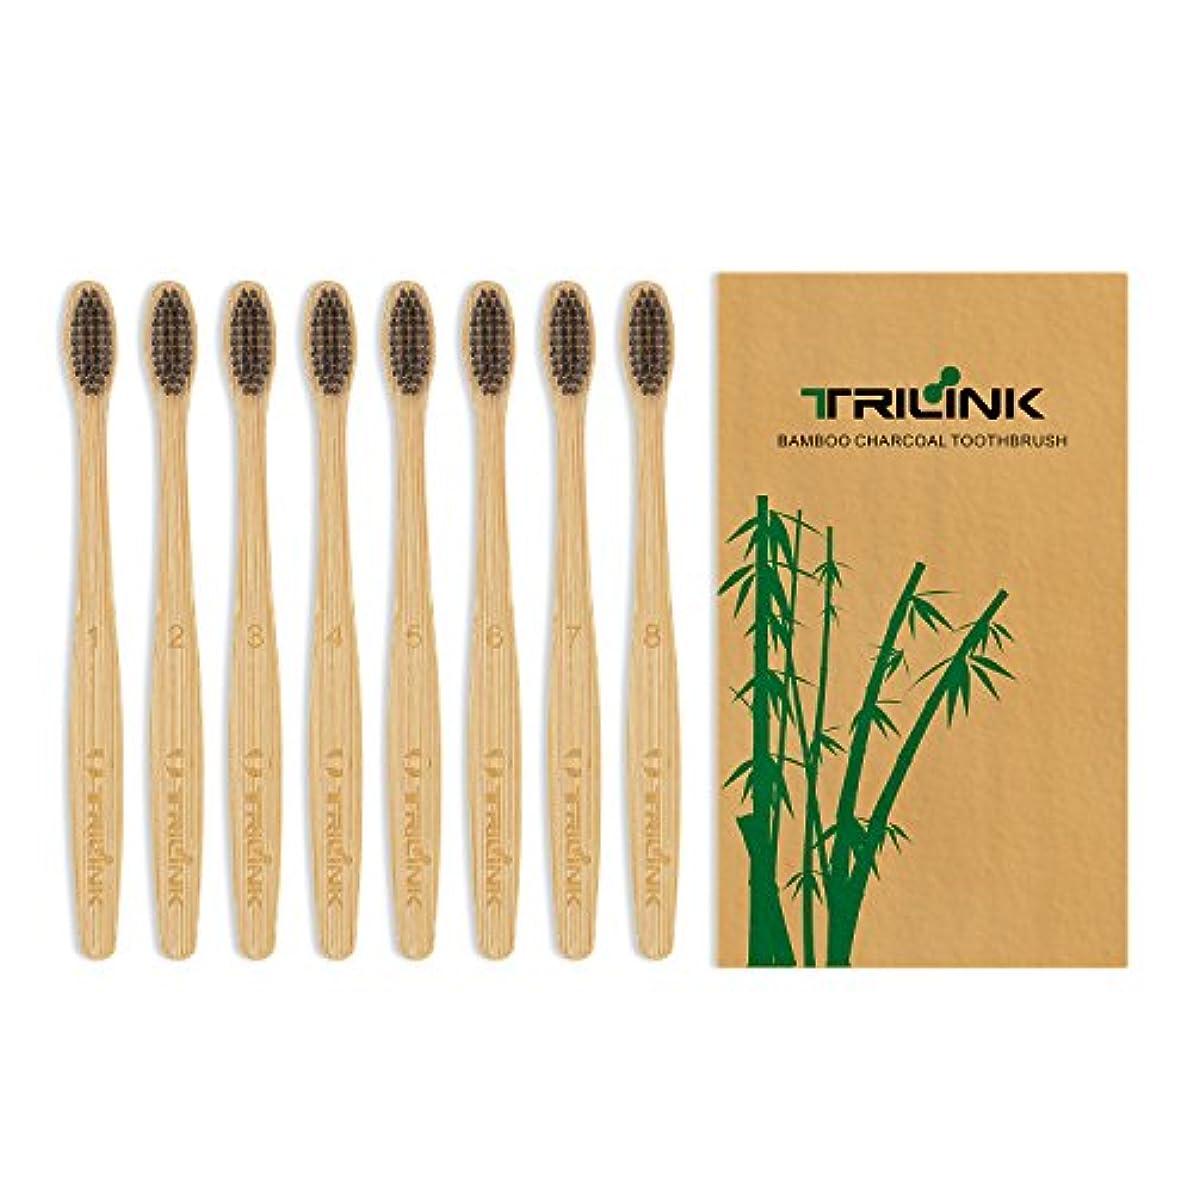 すずめペンフレンド打ち上げる大人用竹の歯ブラシ(8本) 環境保護 天然の柔らかい ハブラシ【 活性炭を注入】